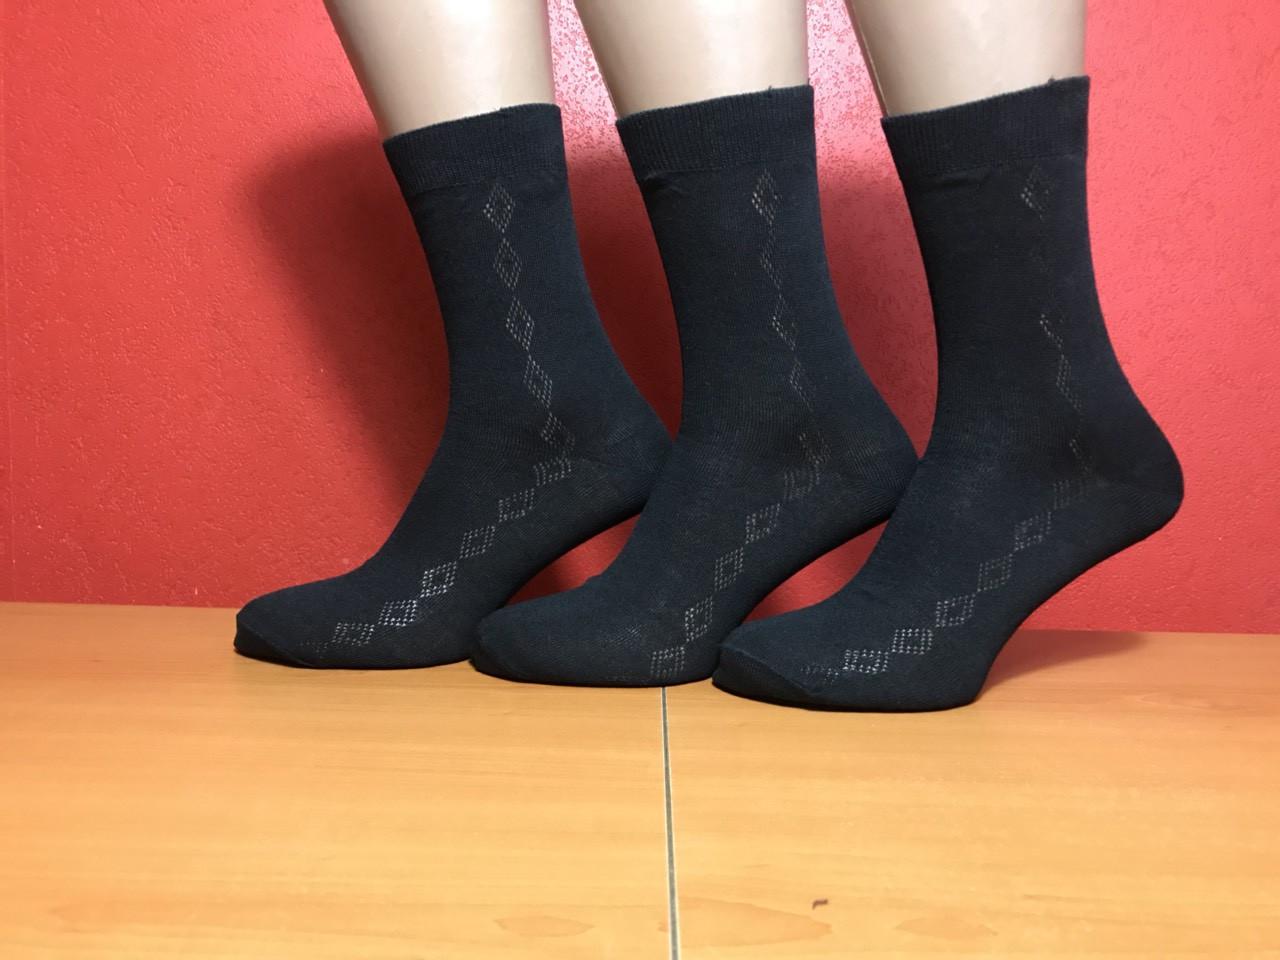 Носки мужские демисезонные хлопок Житомир размер 29 (44-46) чёрные